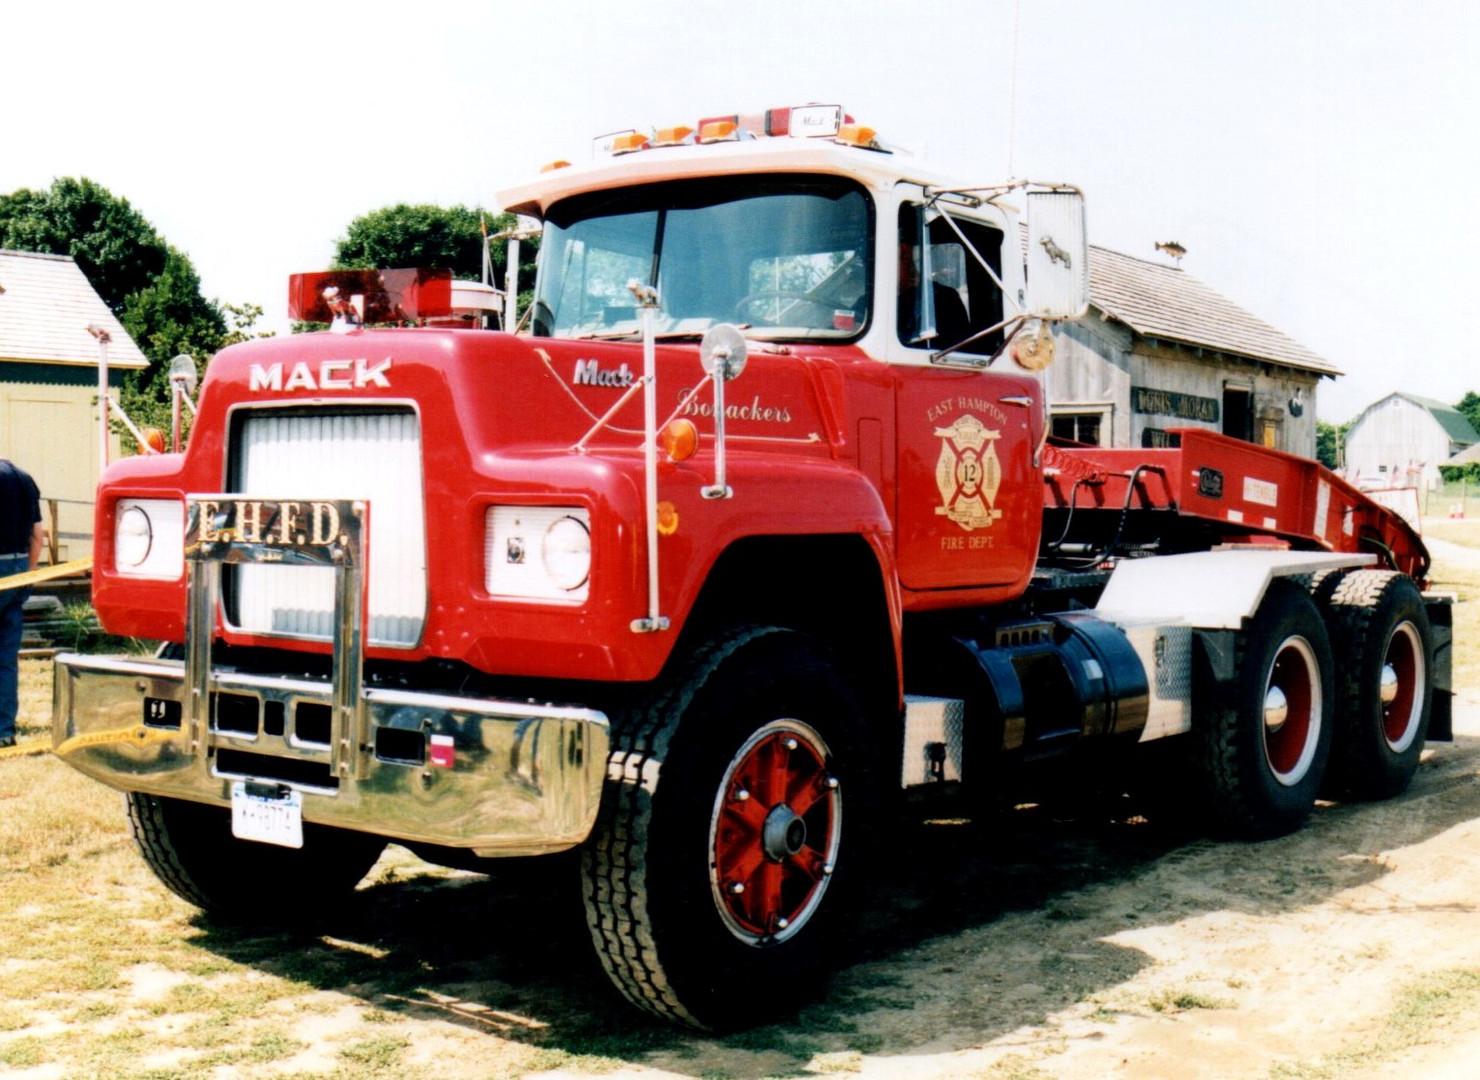 1975 Mack R model tractor - East Hampton F.D.